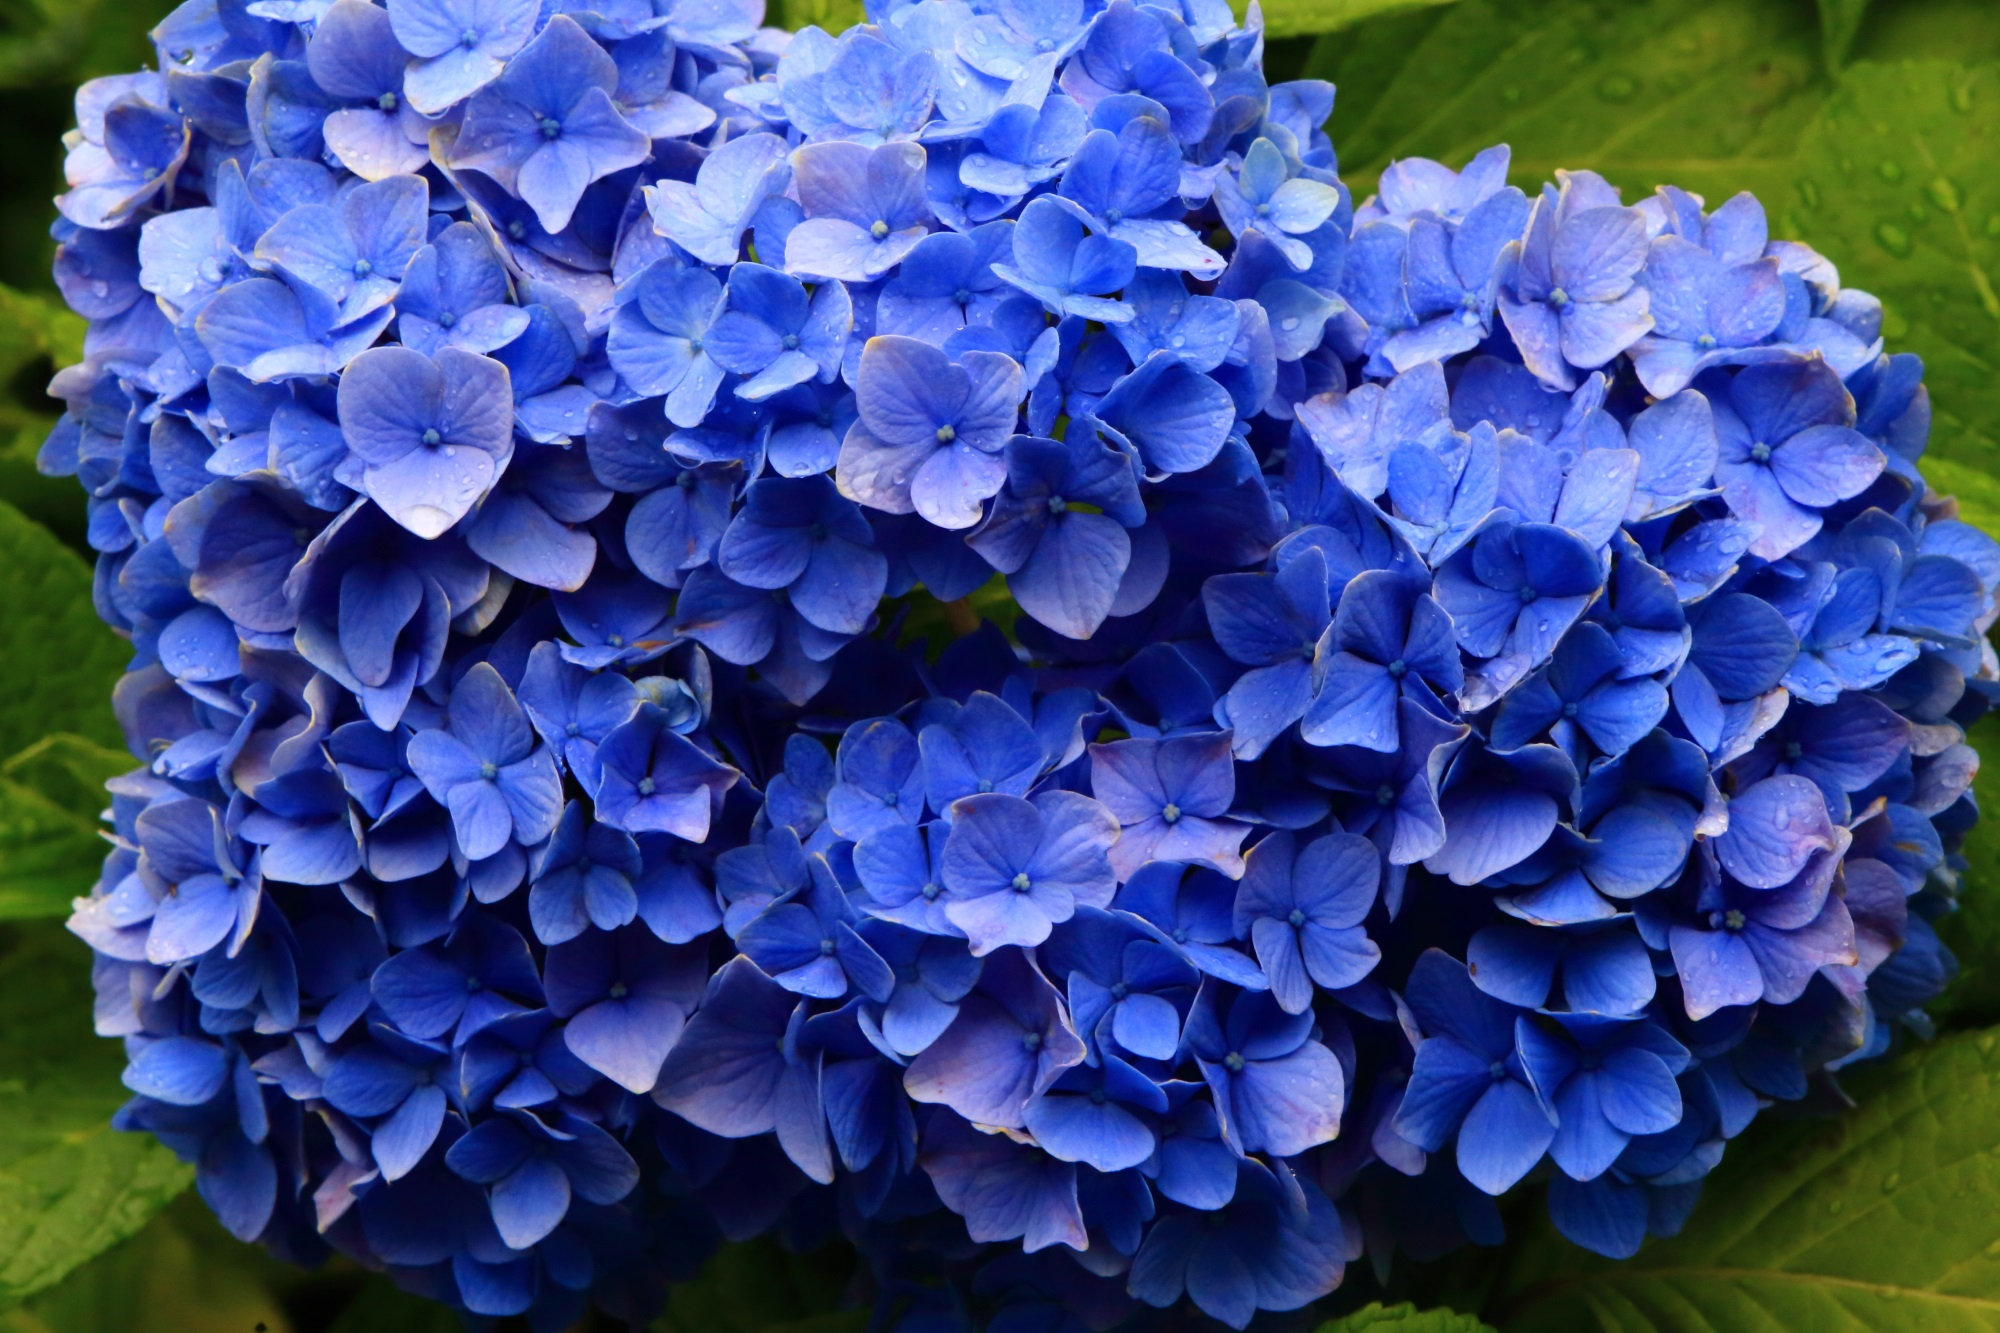 溢れそうな位に花びらの詰まった見事な紫陽花